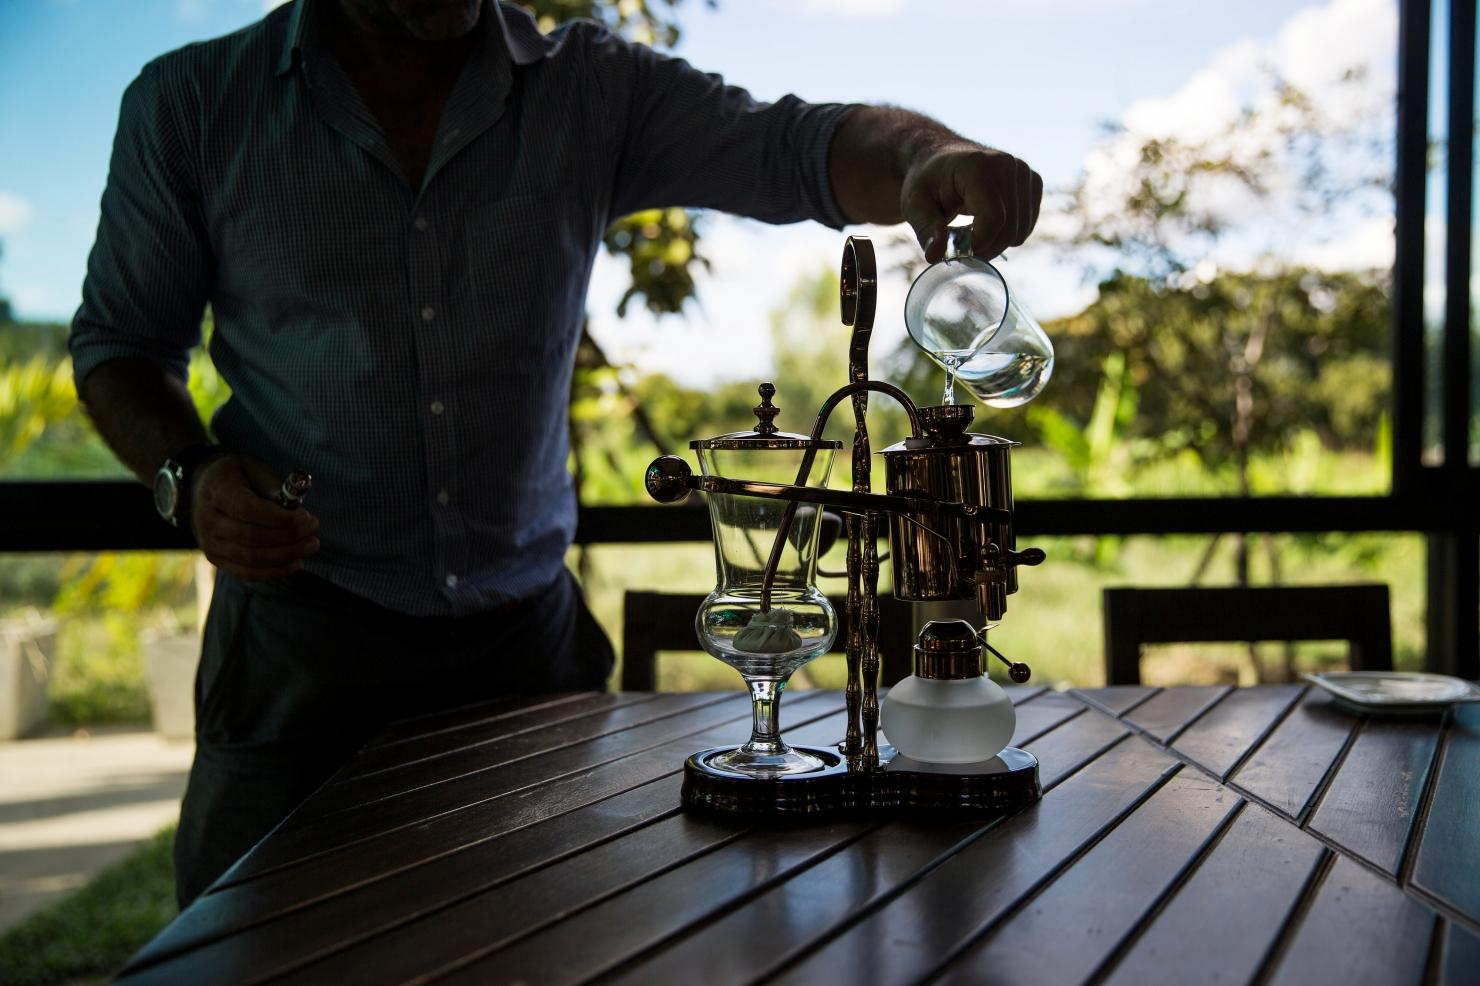 Cafea parțial digerată de elefanți